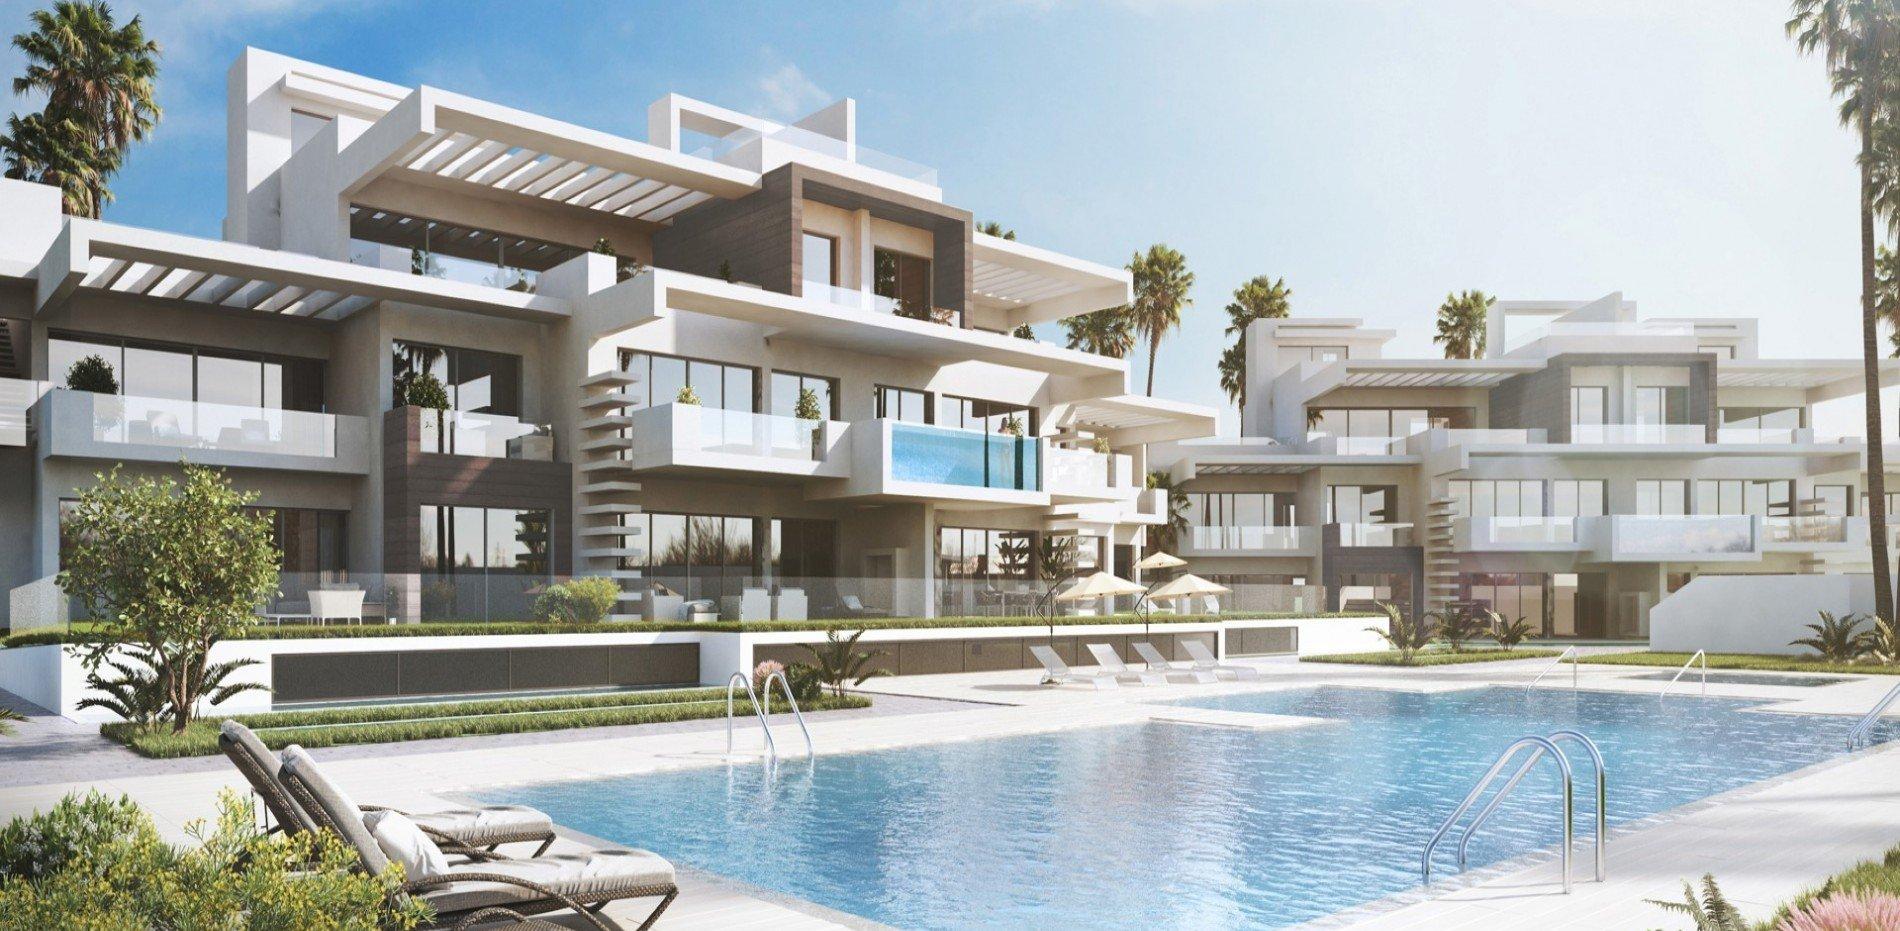 La Meridiana Suites: vivir en casa como en un resort de lujo